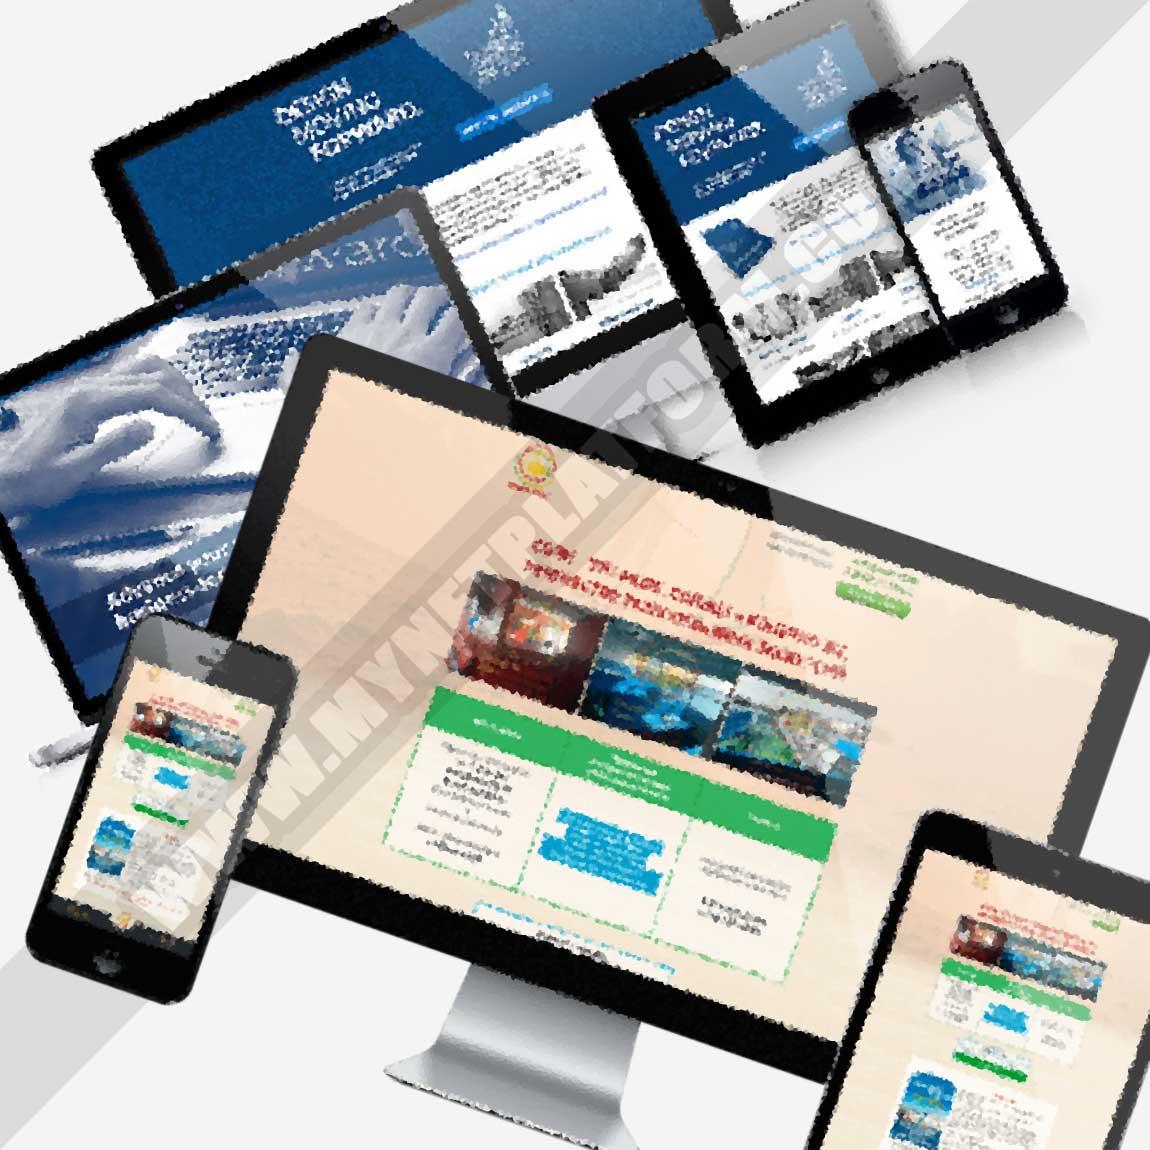 Создание сайта для бизнеса в Сочи